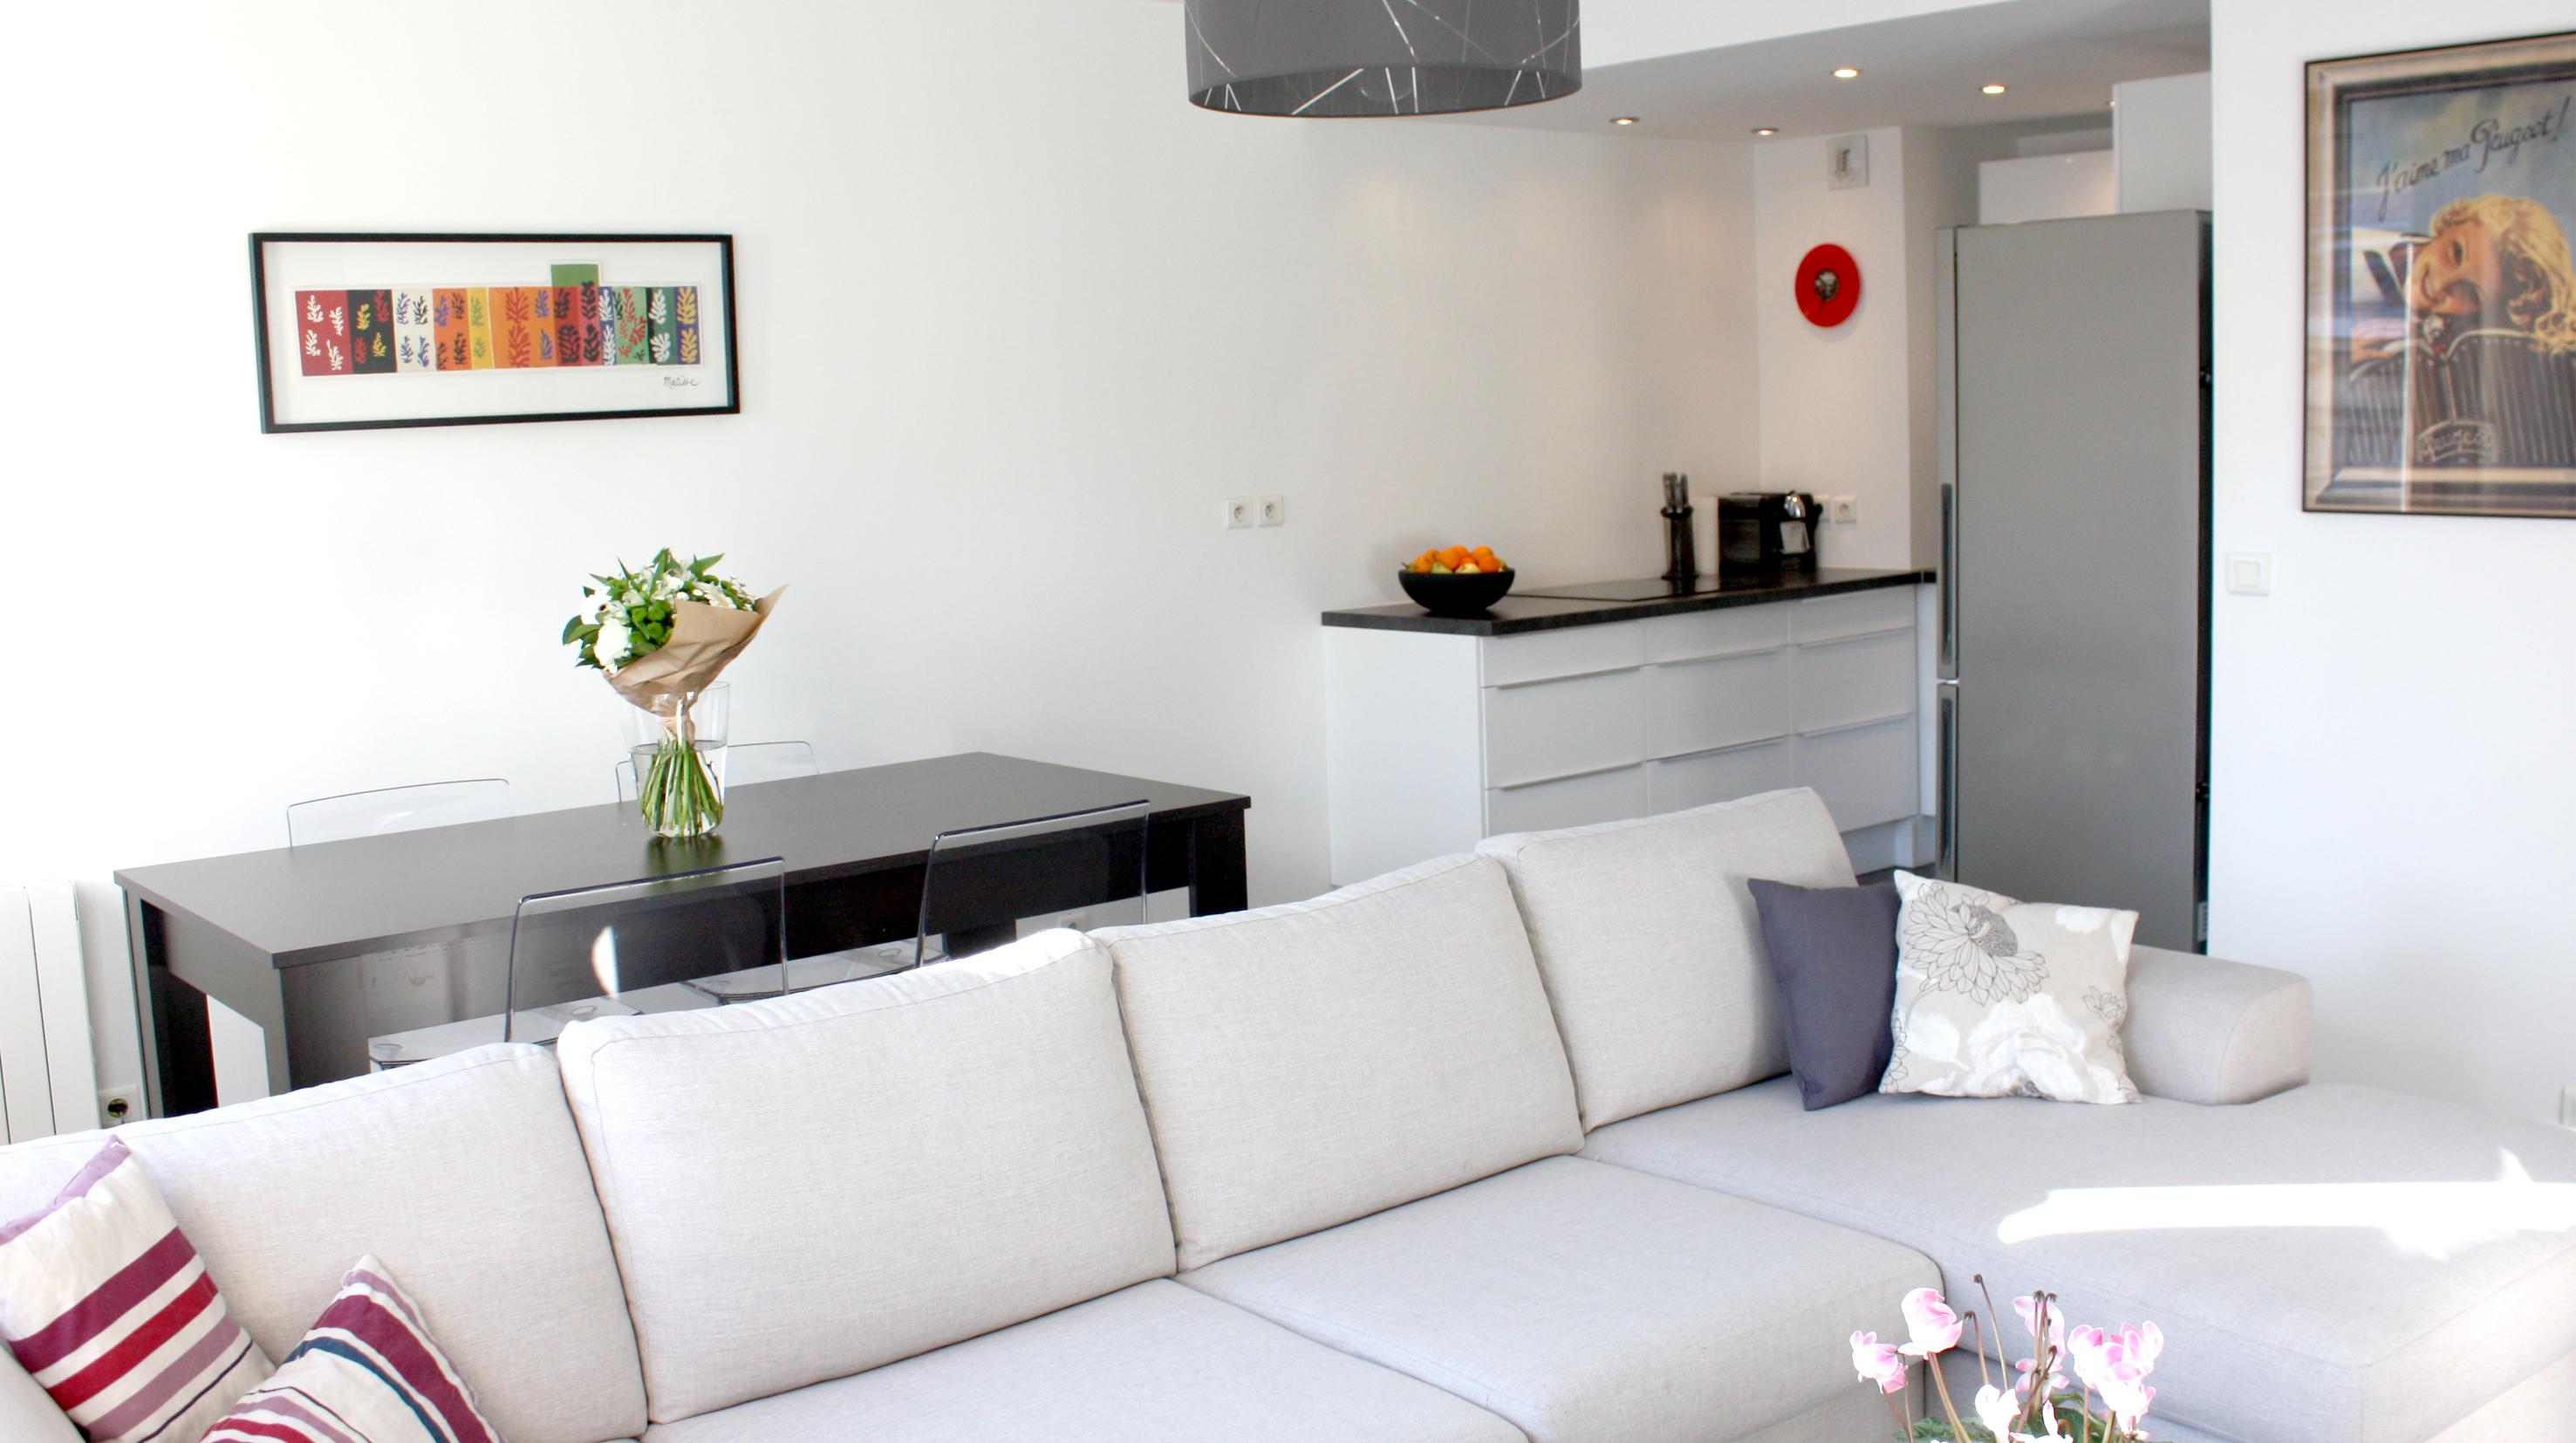 deco appartement t2 perfect bel appartement dco moderne et soigne t le havre secteur sainte. Black Bedroom Furniture Sets. Home Design Ideas